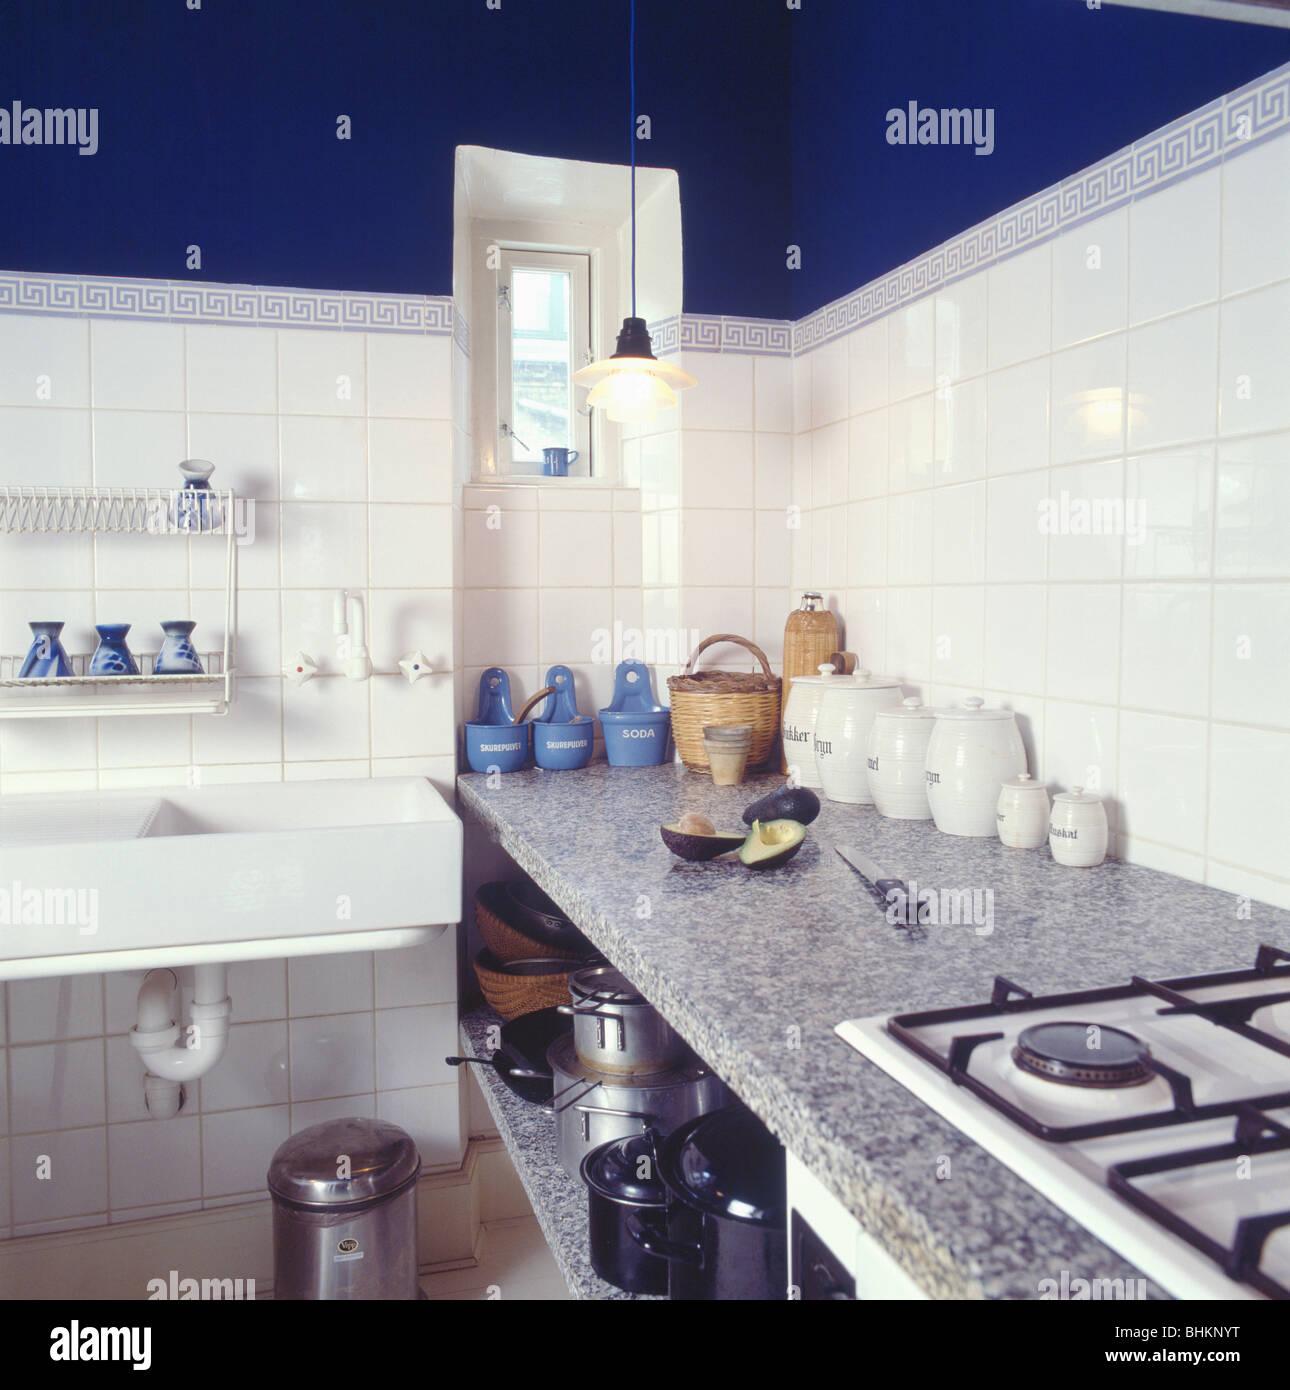 Corian Arbeitsplatte Auf Einfache Ausgestattete Einheit In Wirtschaft Stil  Weiß Geflieste Küche Mit Rechteckigen Doppelwaschbecken